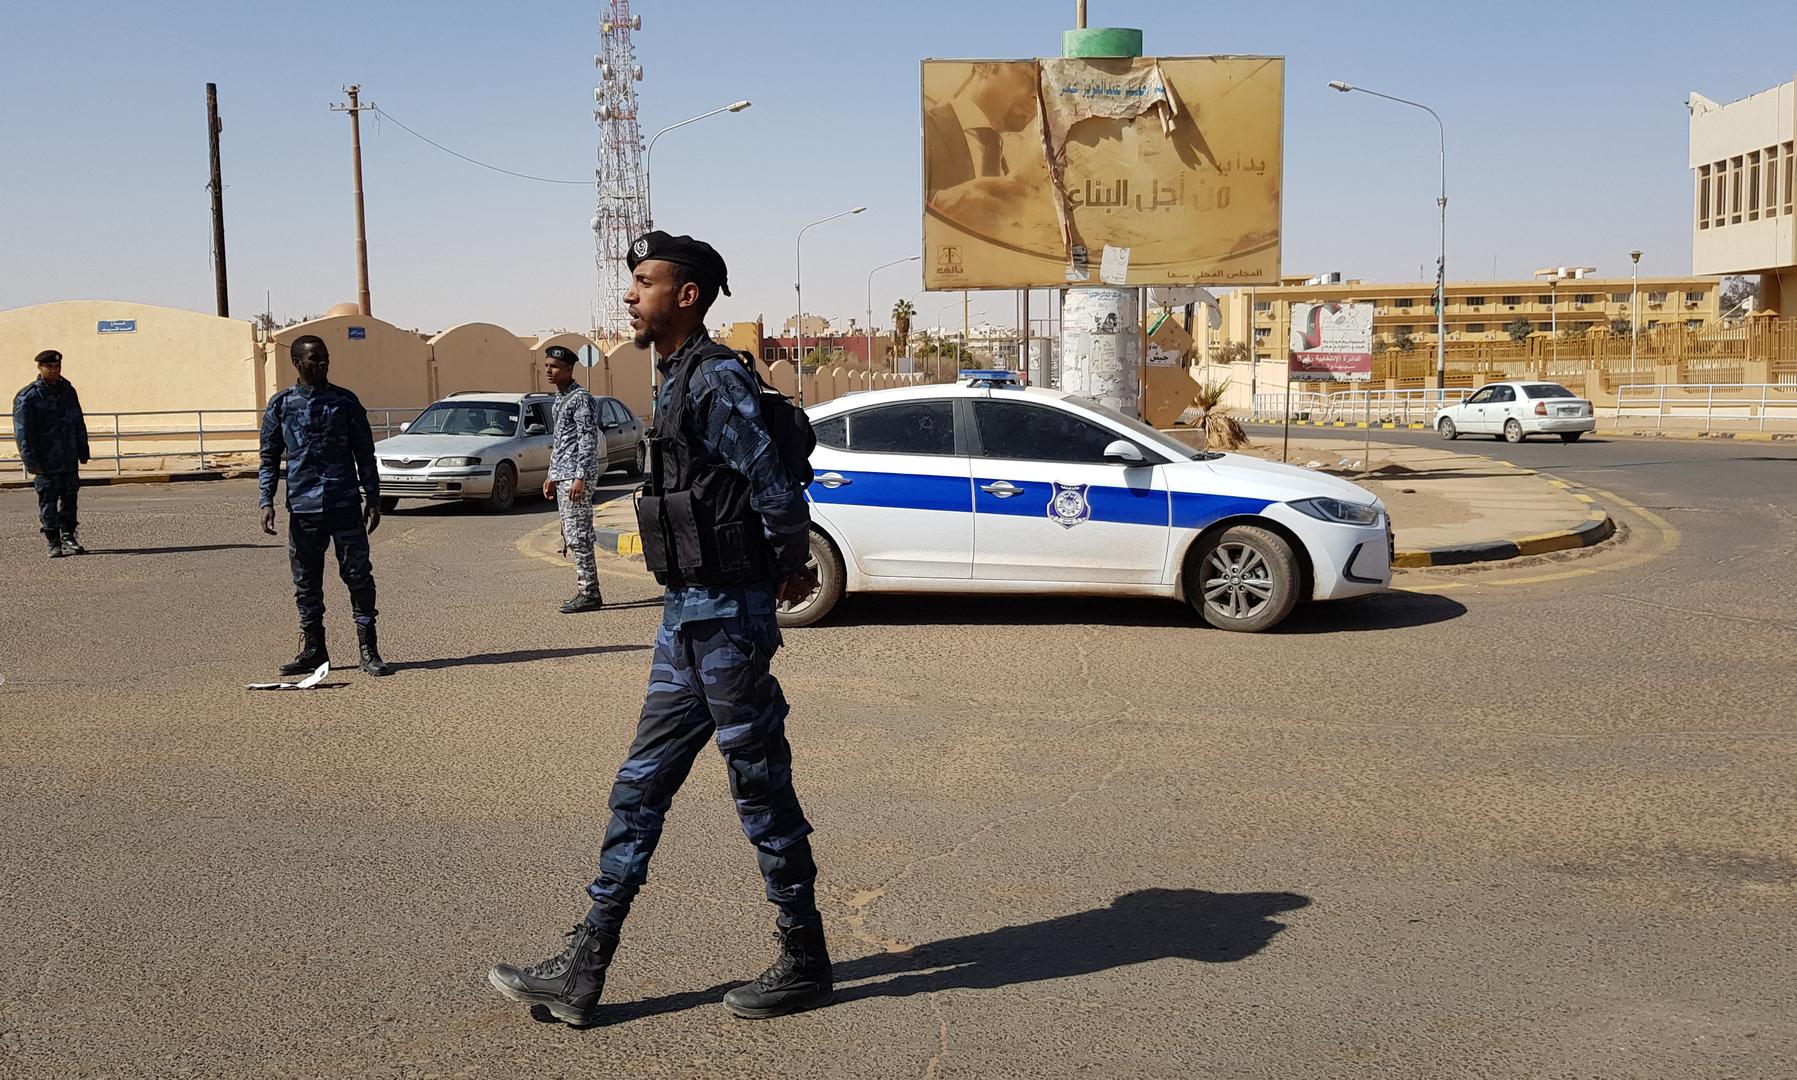 ليبيا.. أنباء عن سقوط قذيفة في حي المنشية بسبها خلال احتفال بثورة 17 فبراير